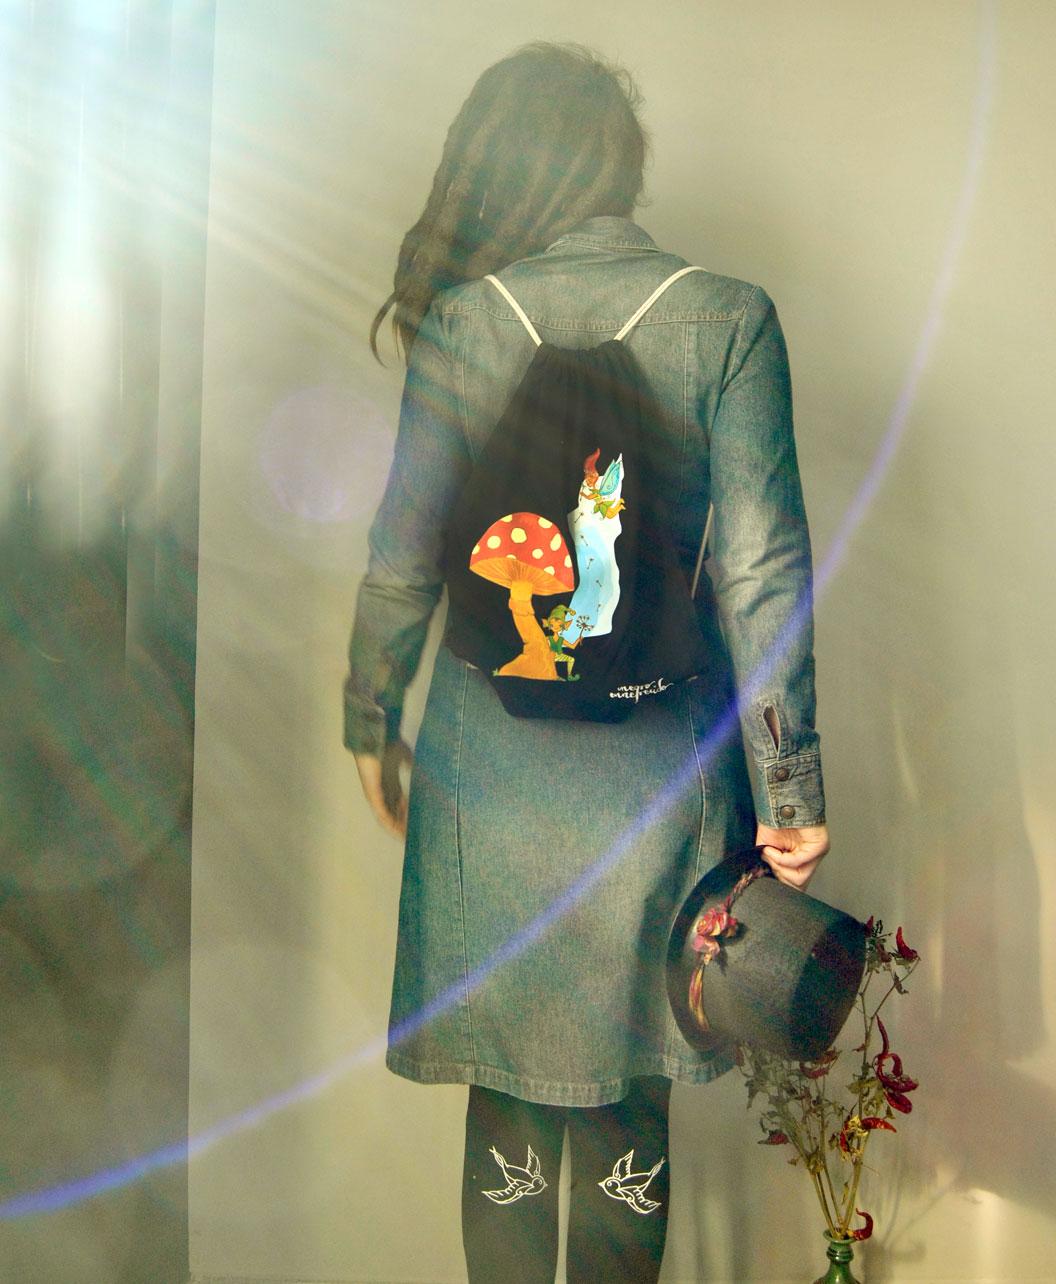 mochila dibujo original y divertido seta y duendes